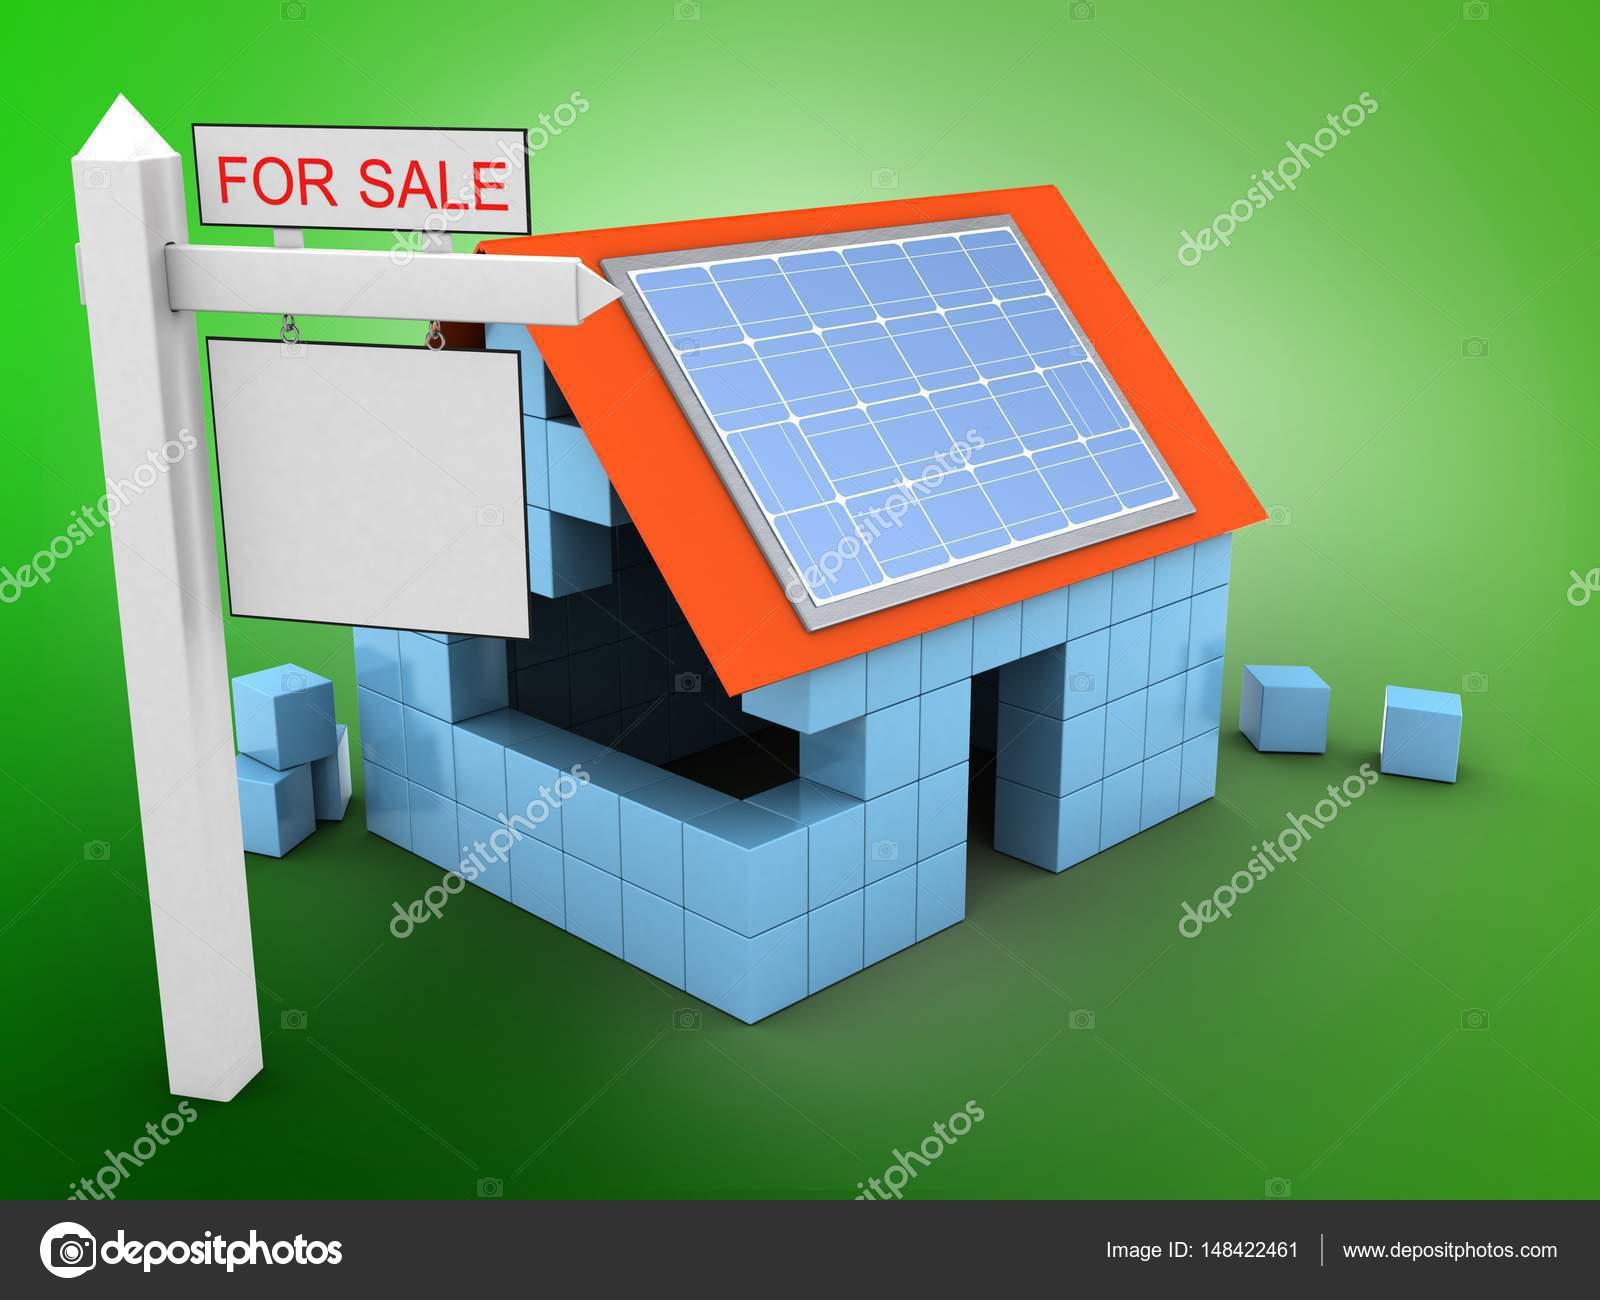 770d009bb1b casa com painel solar e sinal de venda — Fotografias de Stock ...